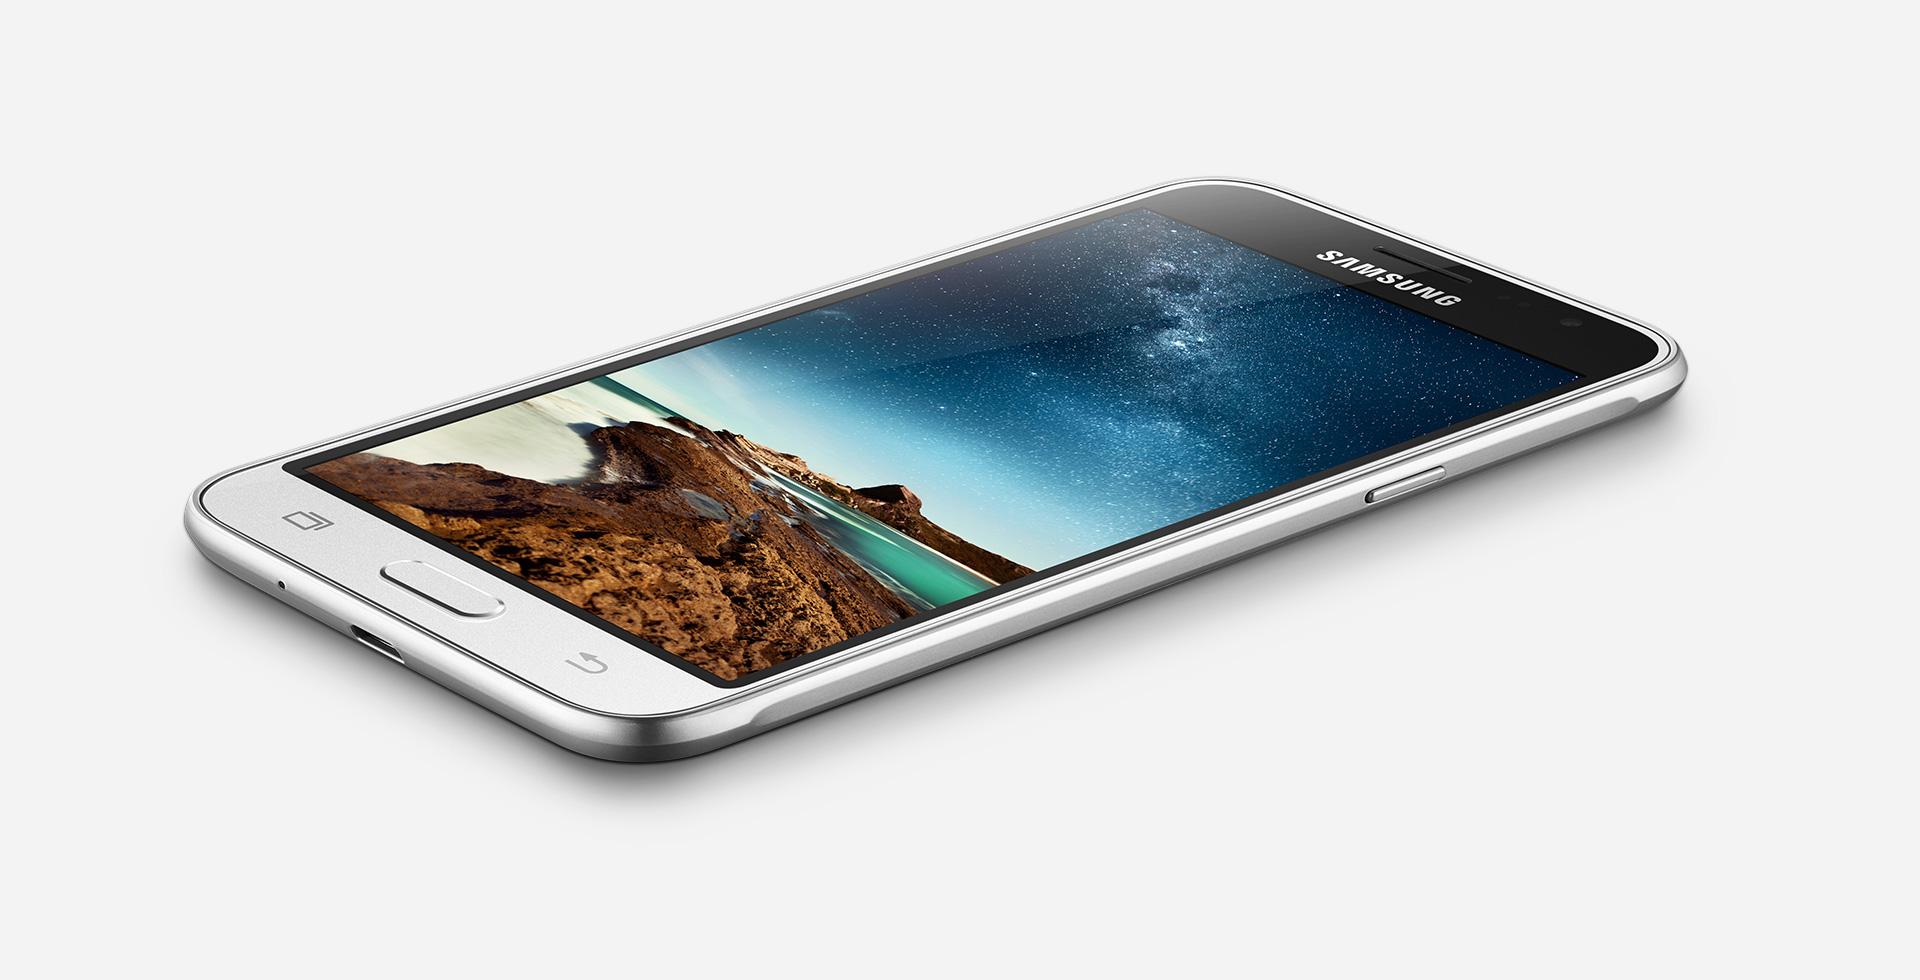 Samsung Galaxy J3 Emerge